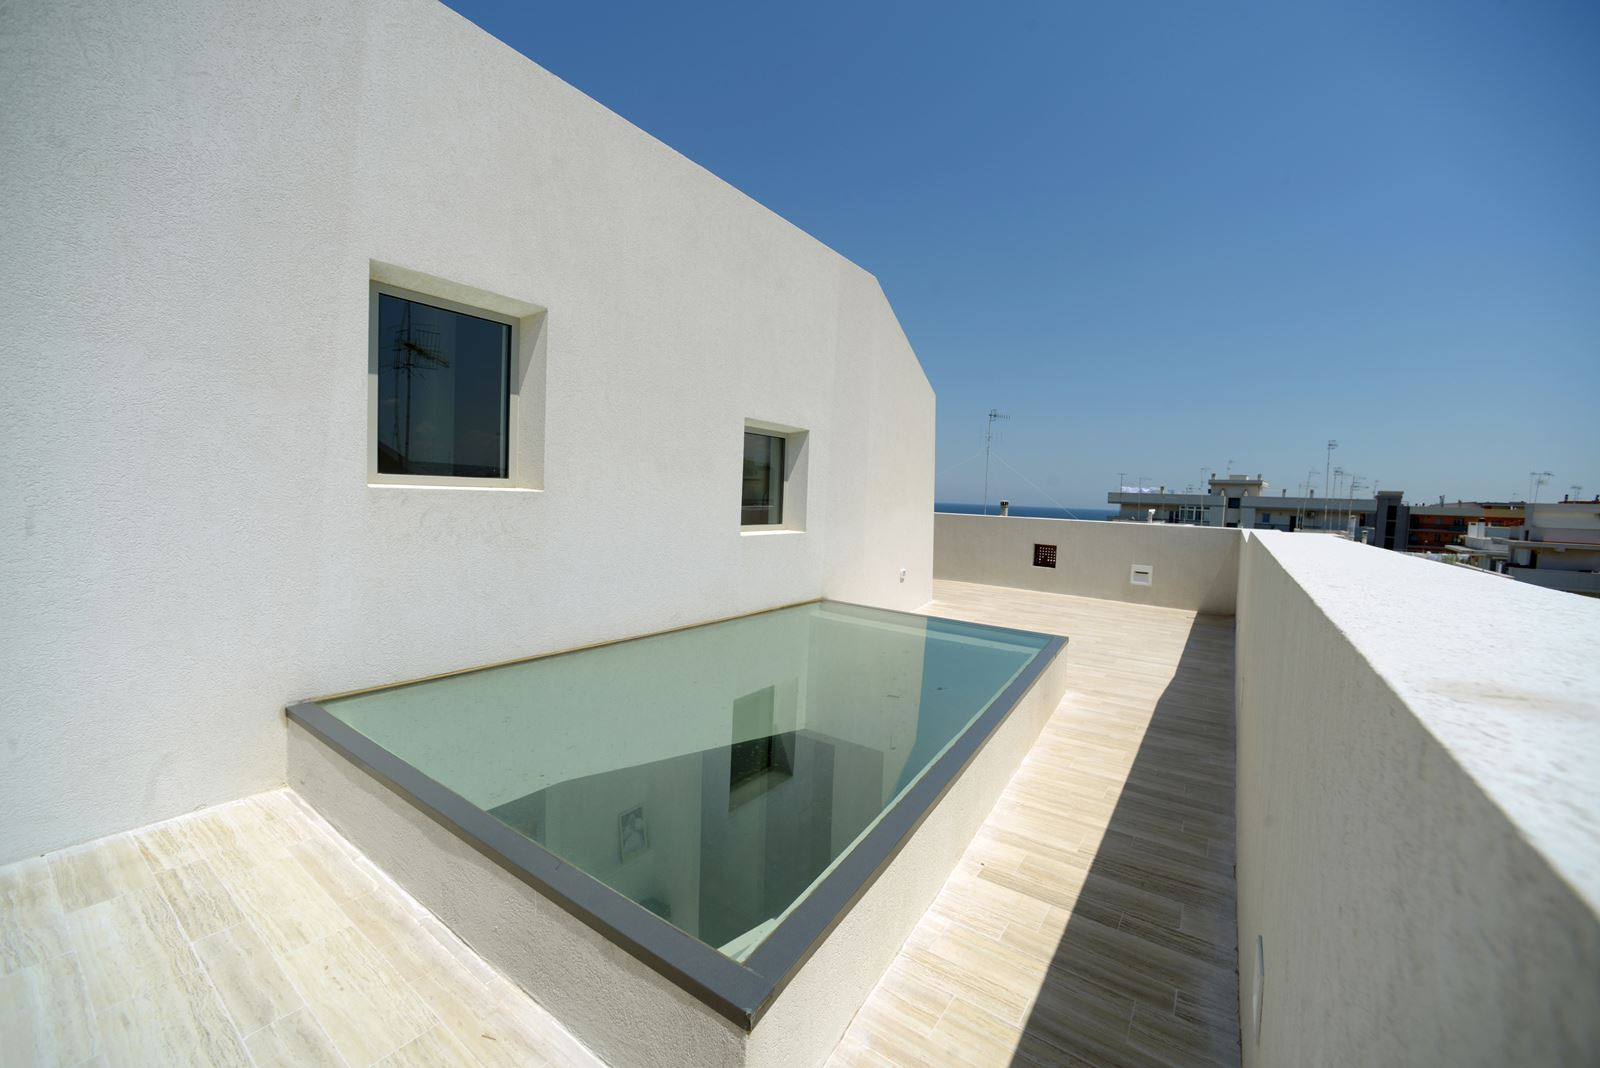 Finestre per tetti e tanta luce in una casa a polignano for Piani casa sul tetto di bassa altezza